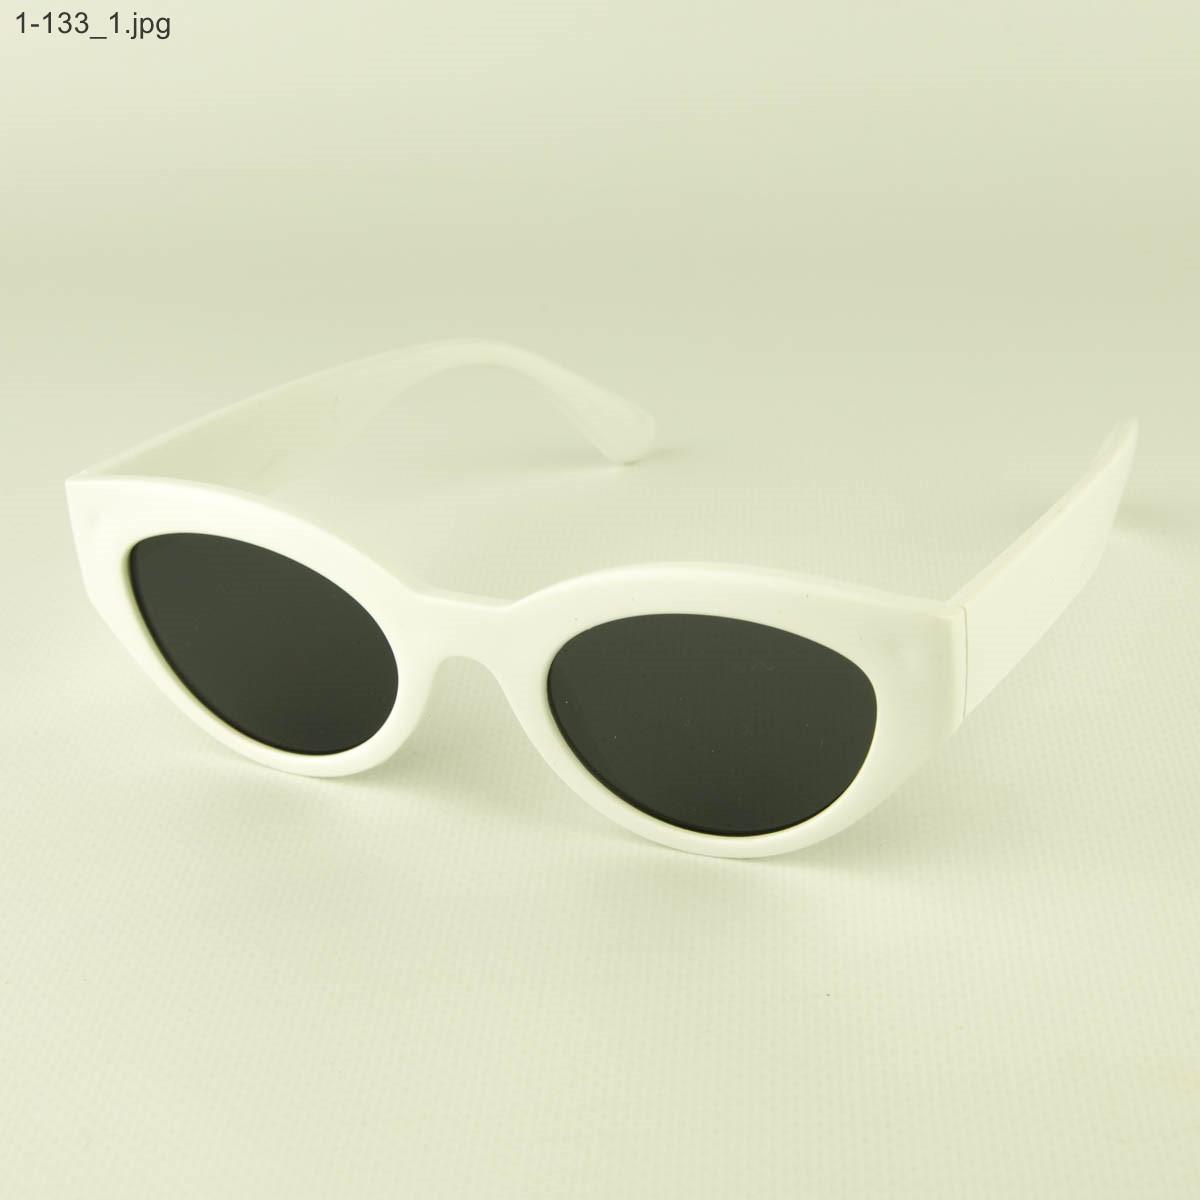 Солнцезащитные очки овальной формы - Белые - 1-133, фото 1